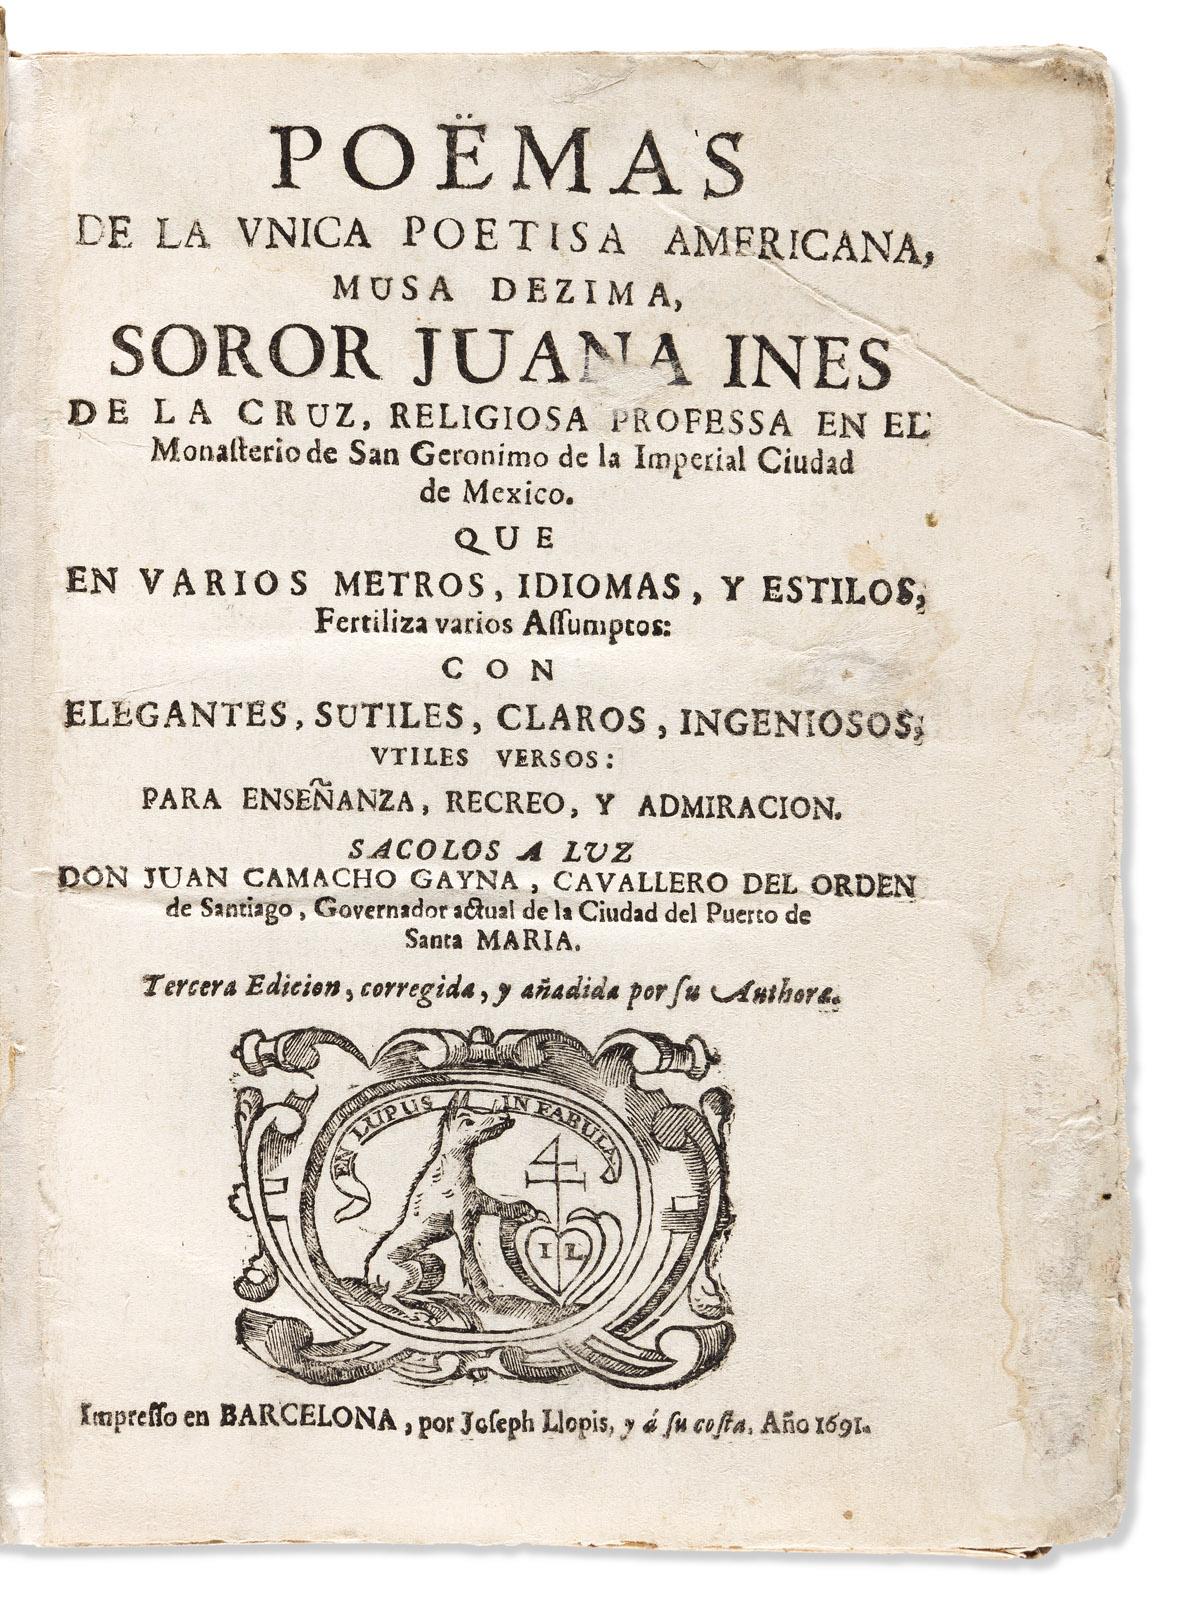 Juana Inés de la Cruz (1648-1695) Poëmas de la Unica Poetisa Americana.